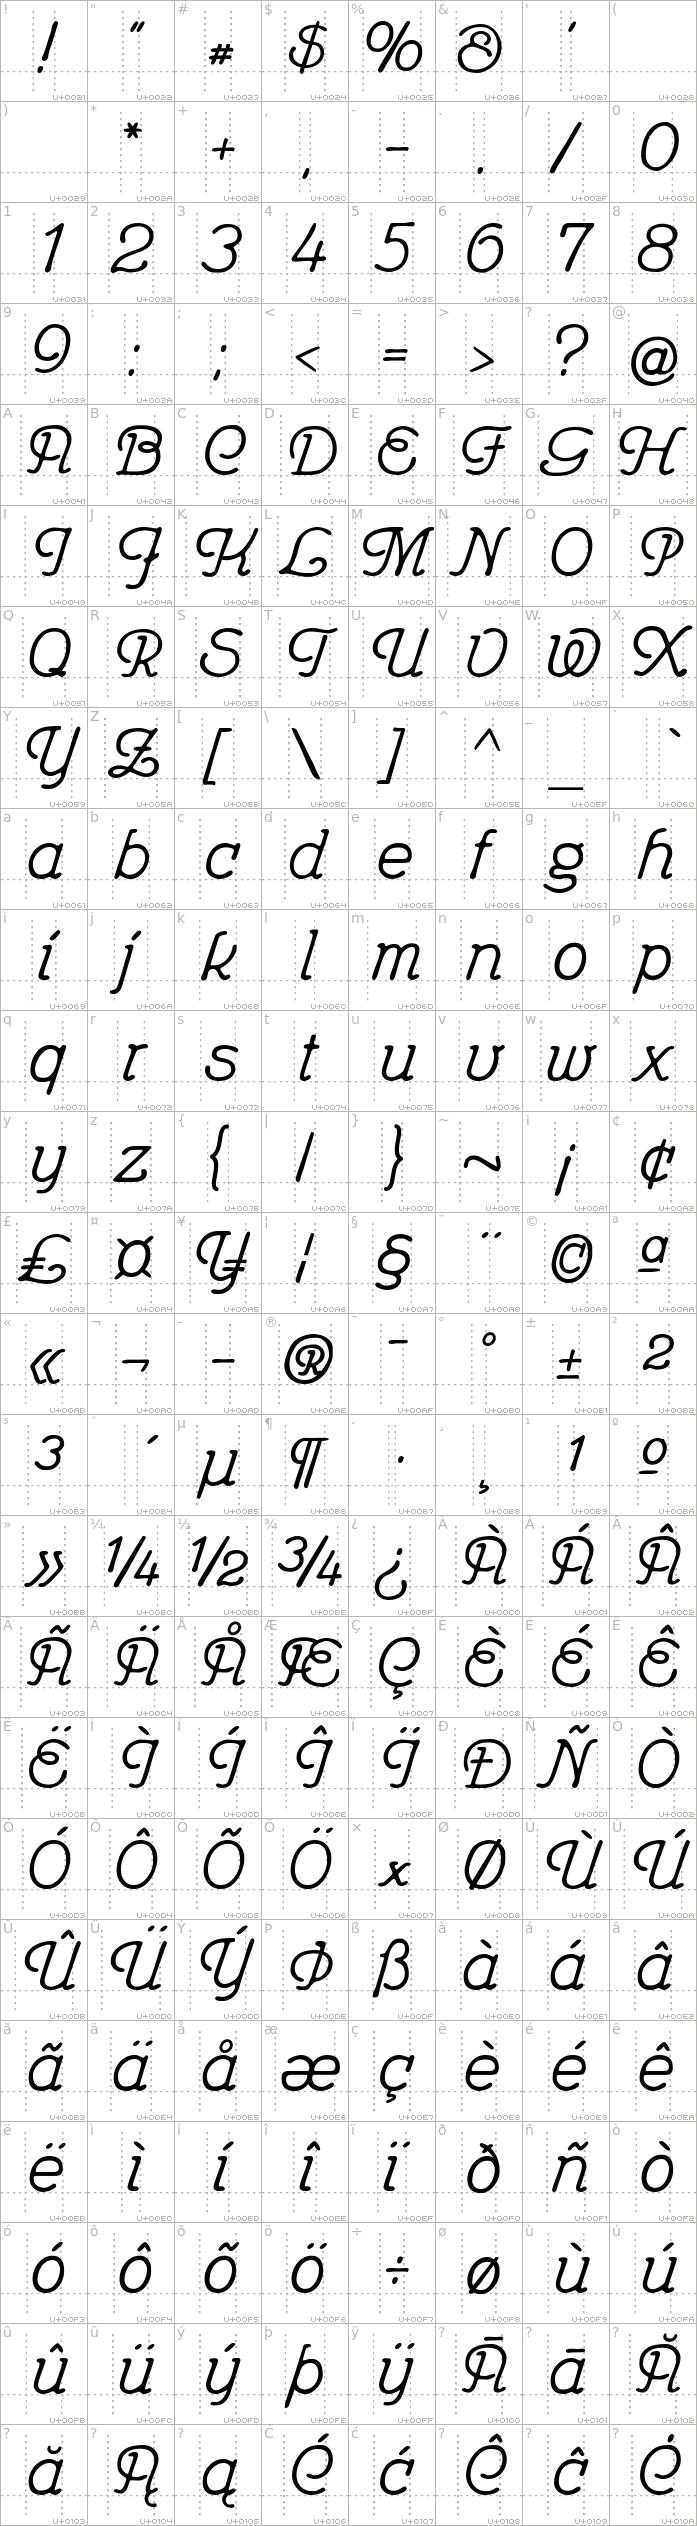 feronia.regular.character-map-1